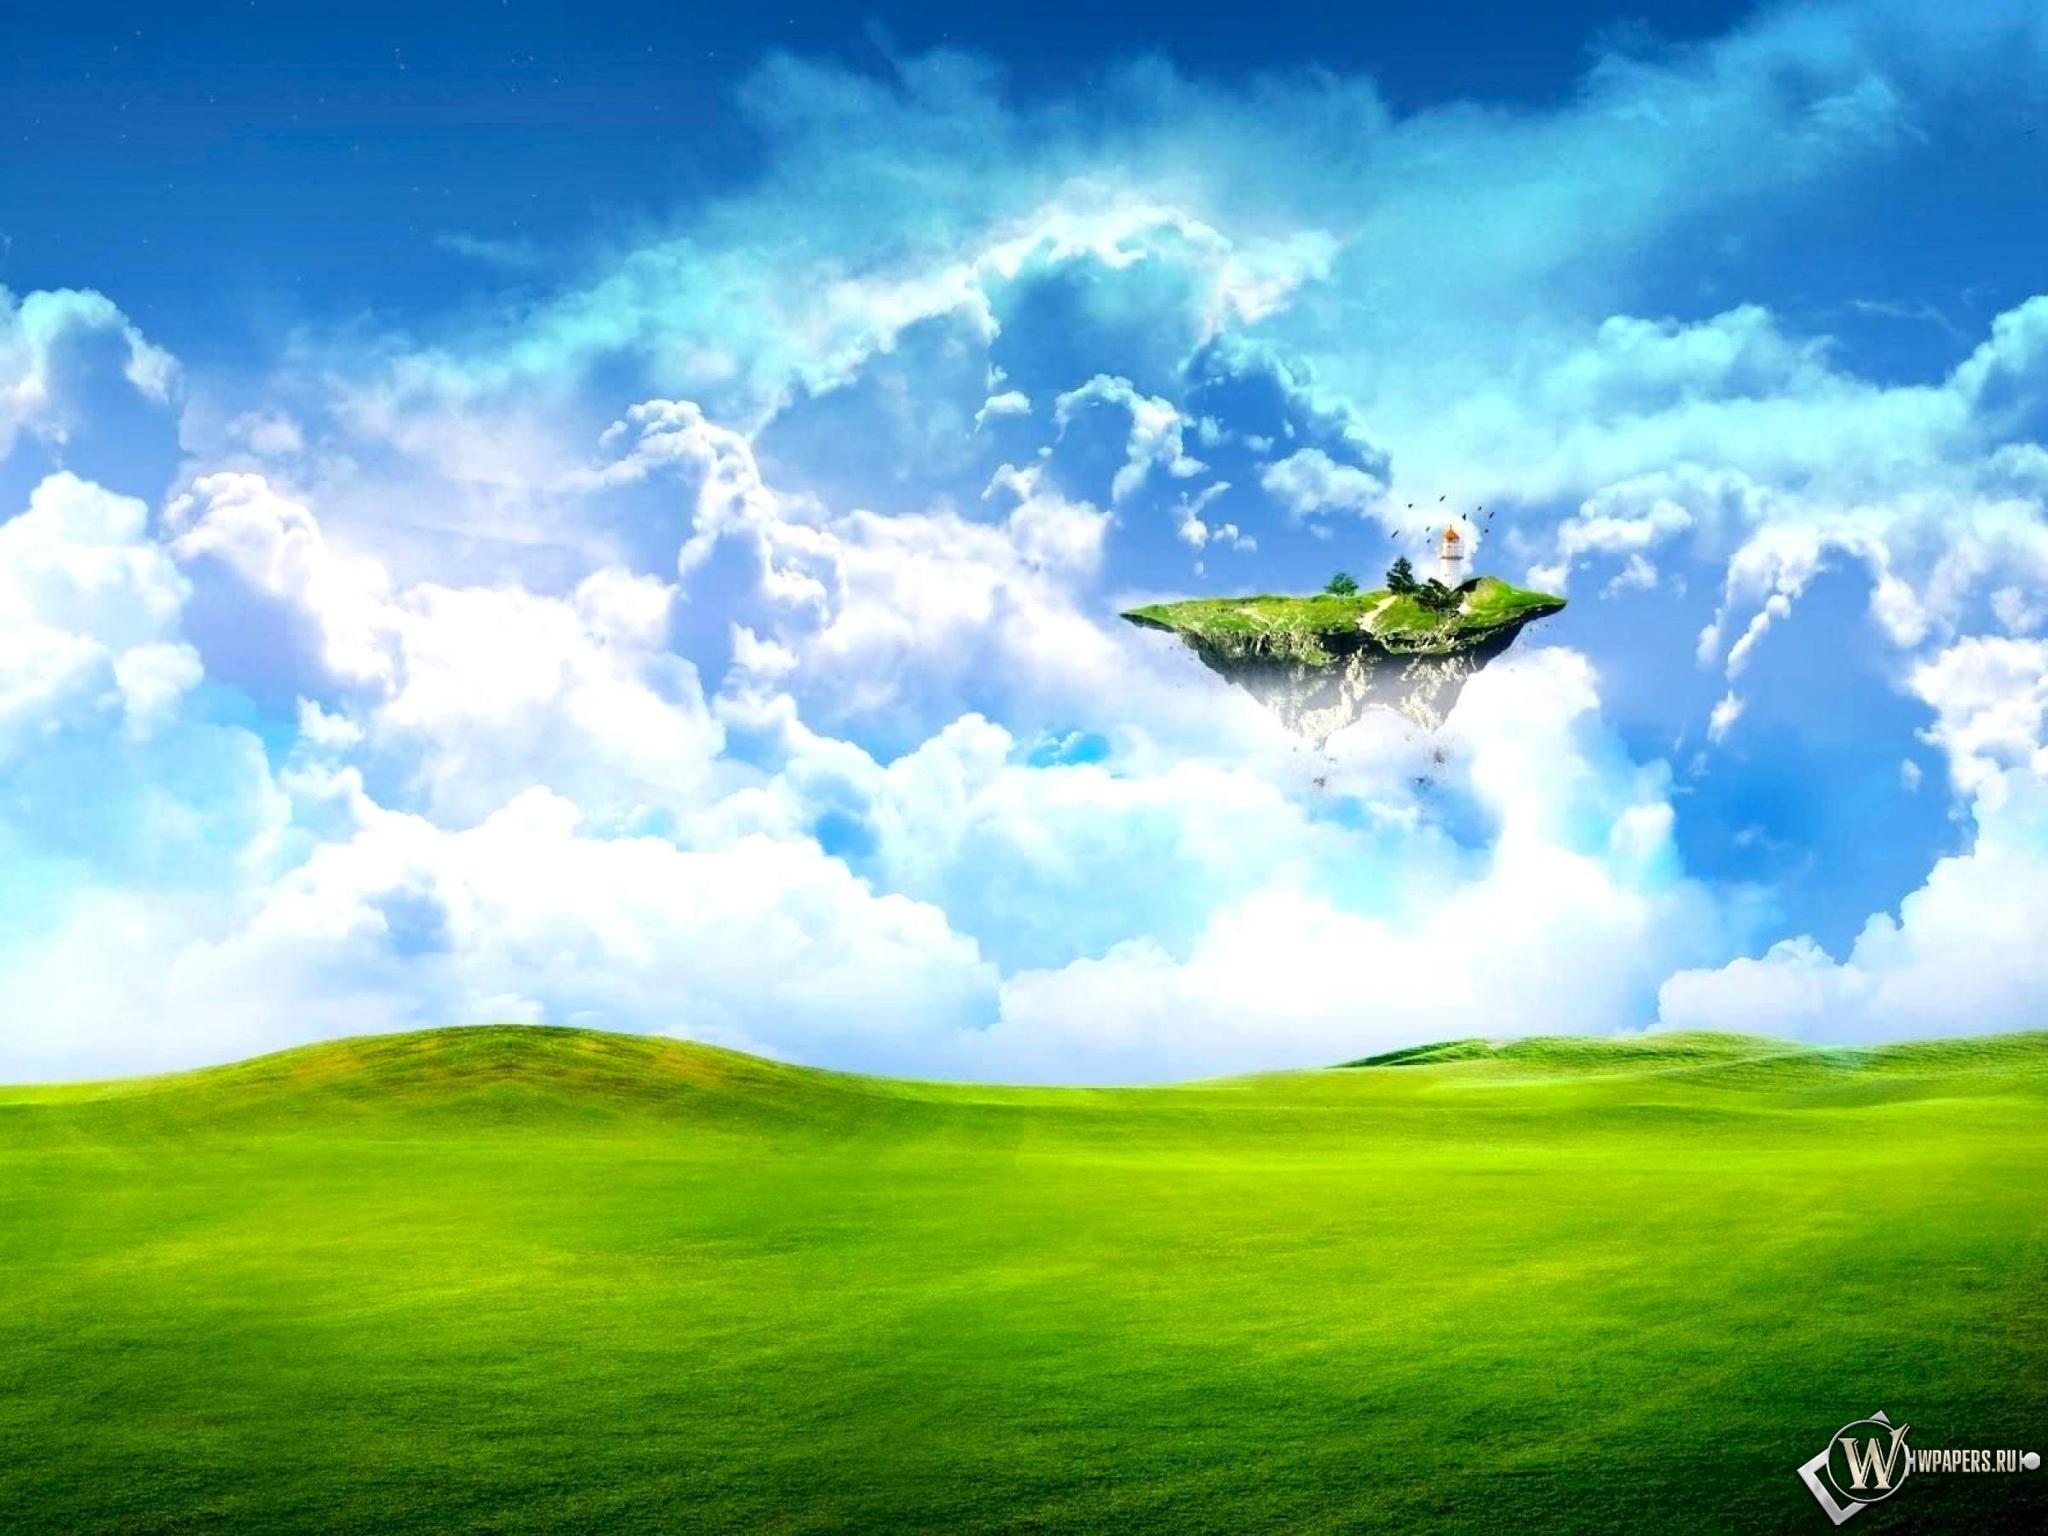 Летающий островок 2048x1536